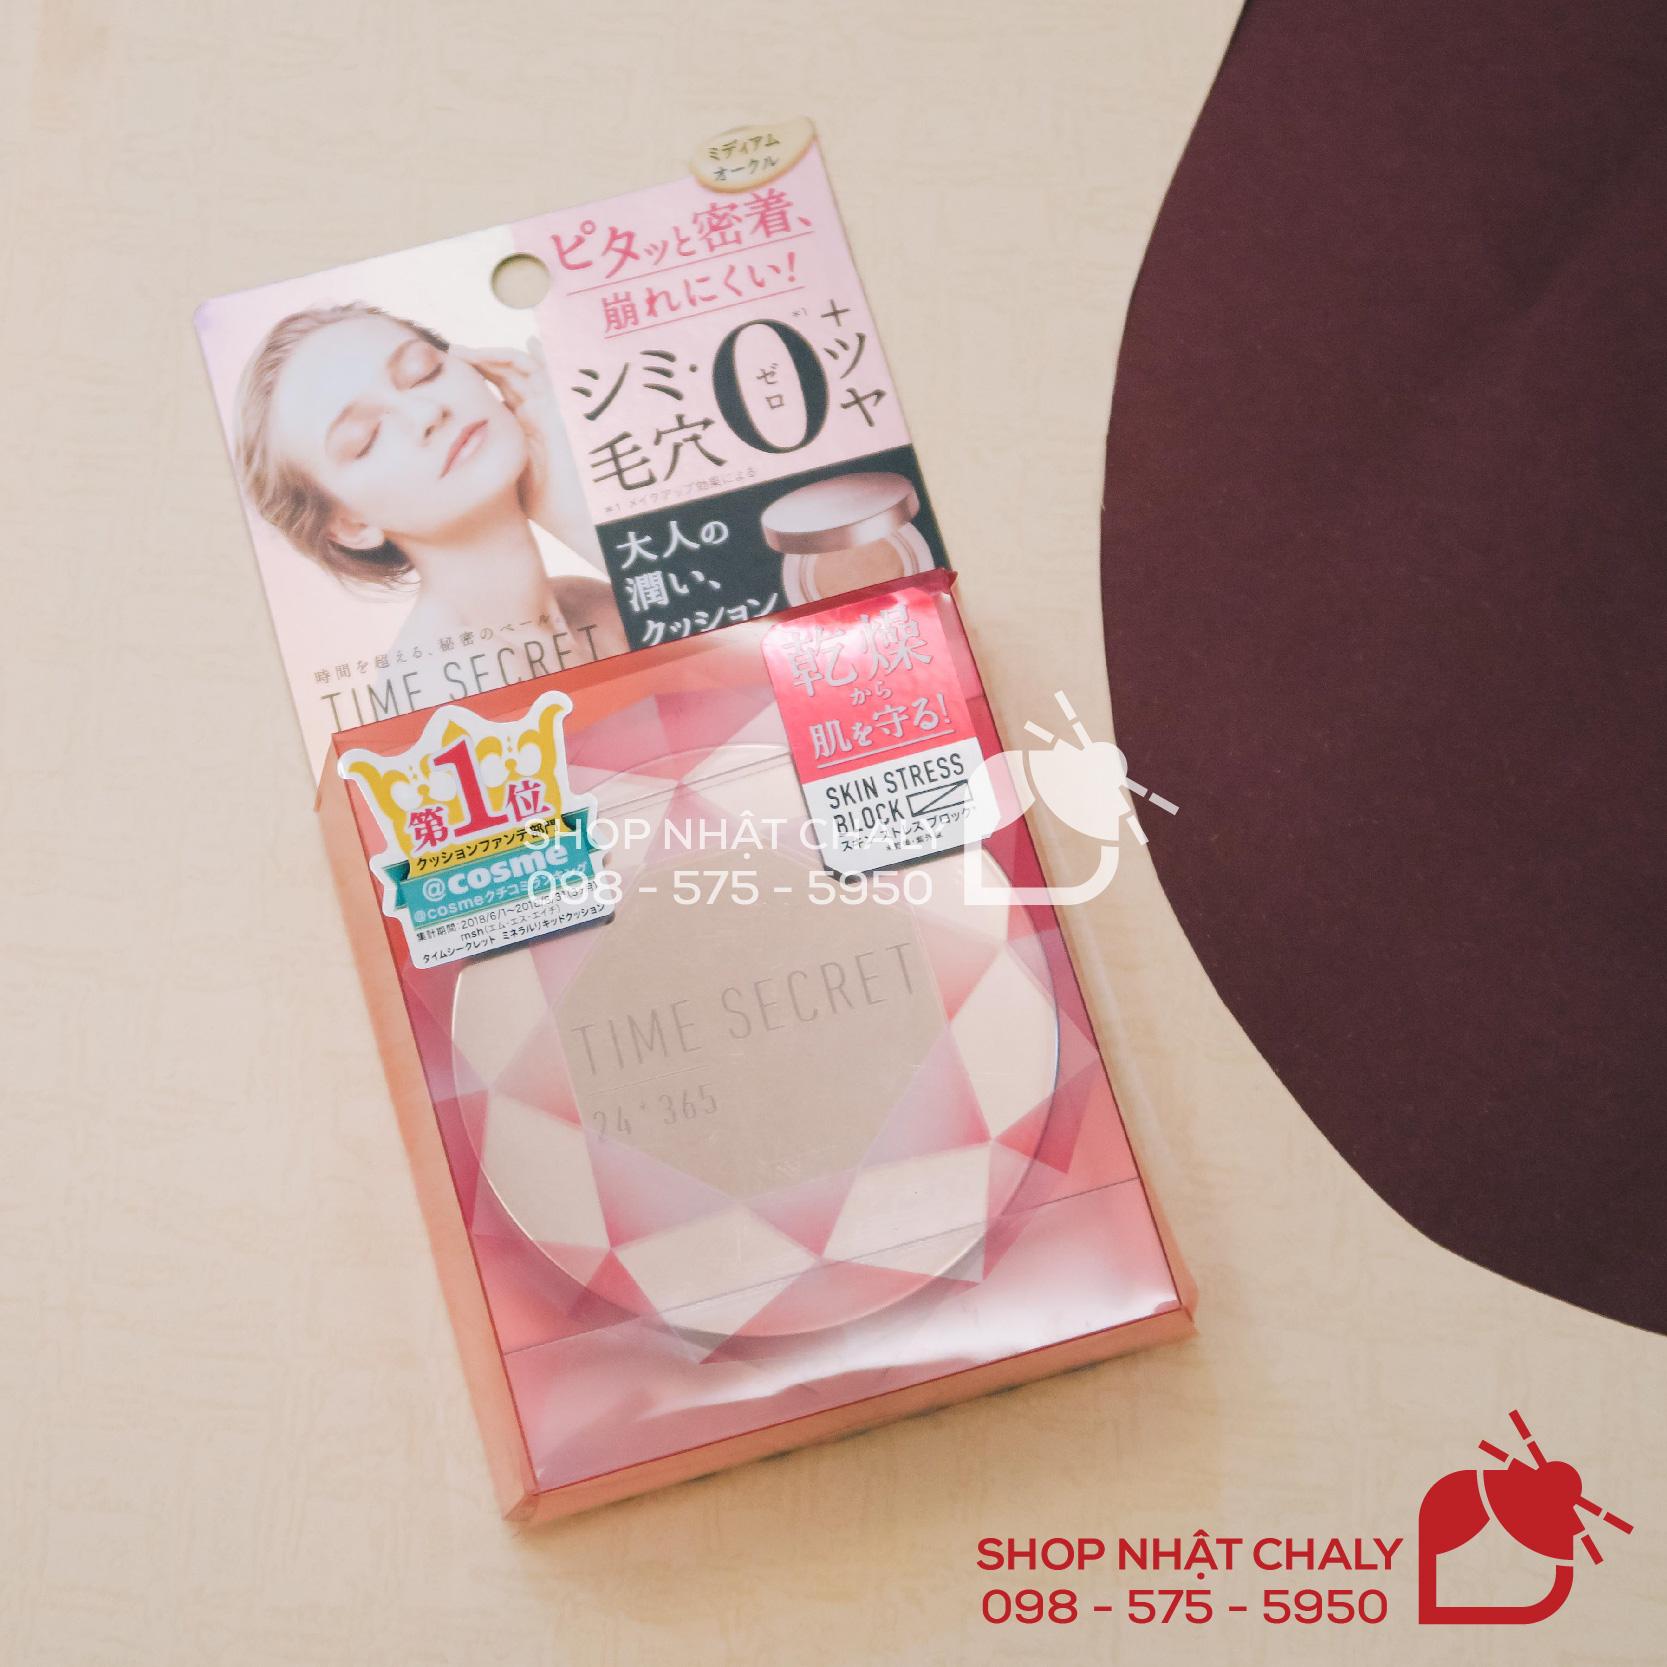 Hũ phấn nước của Nhật Bản MSH Time Secret tông tự nhiên phù hợp với bạn gái da sẫm màu, da thường, có khuyết điểm thâm